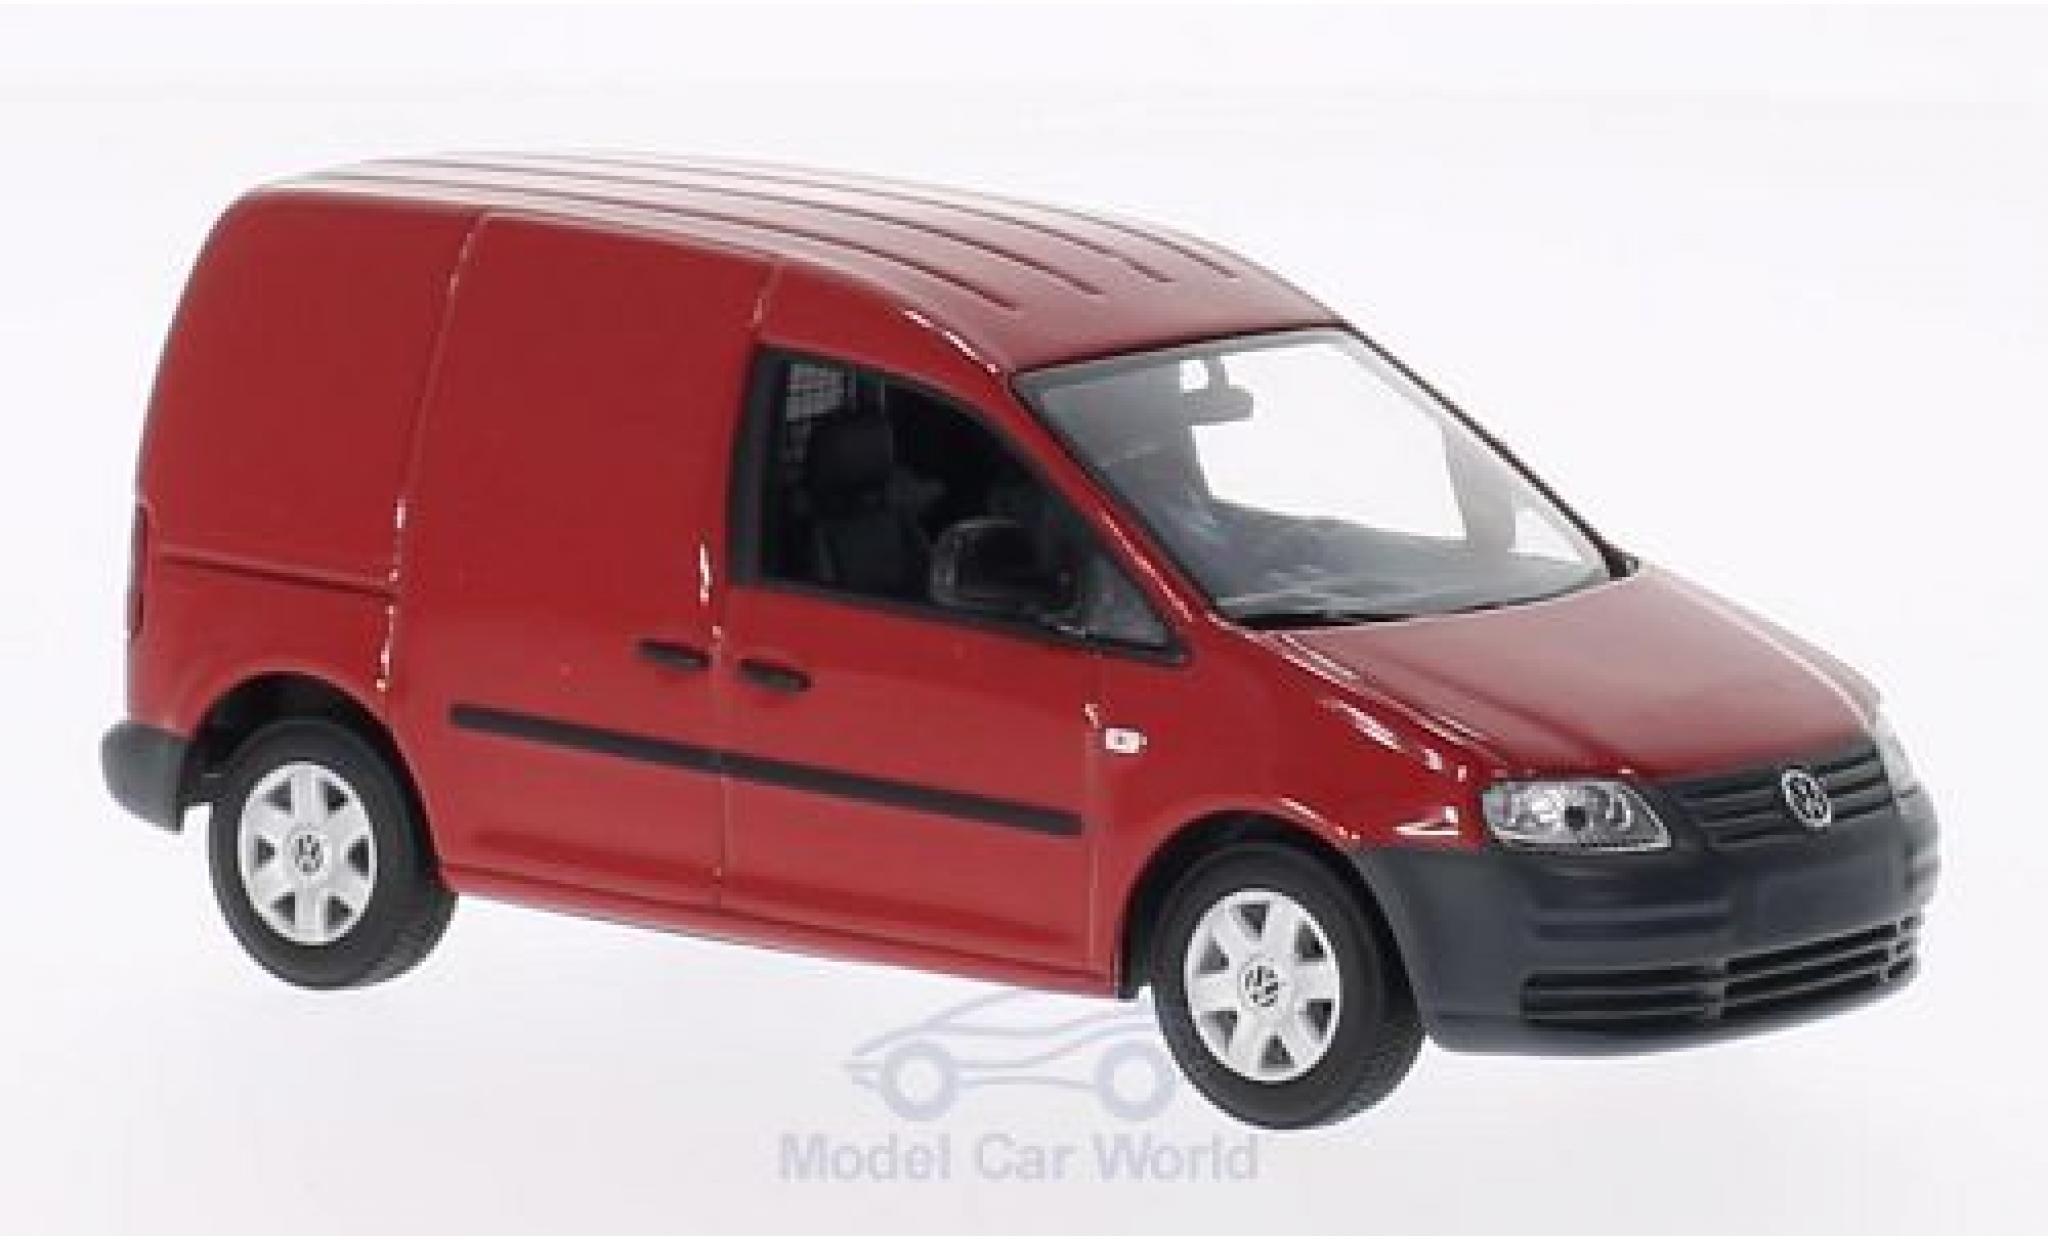 Volkswagen Caddy 1/43 Minichamps red 2004